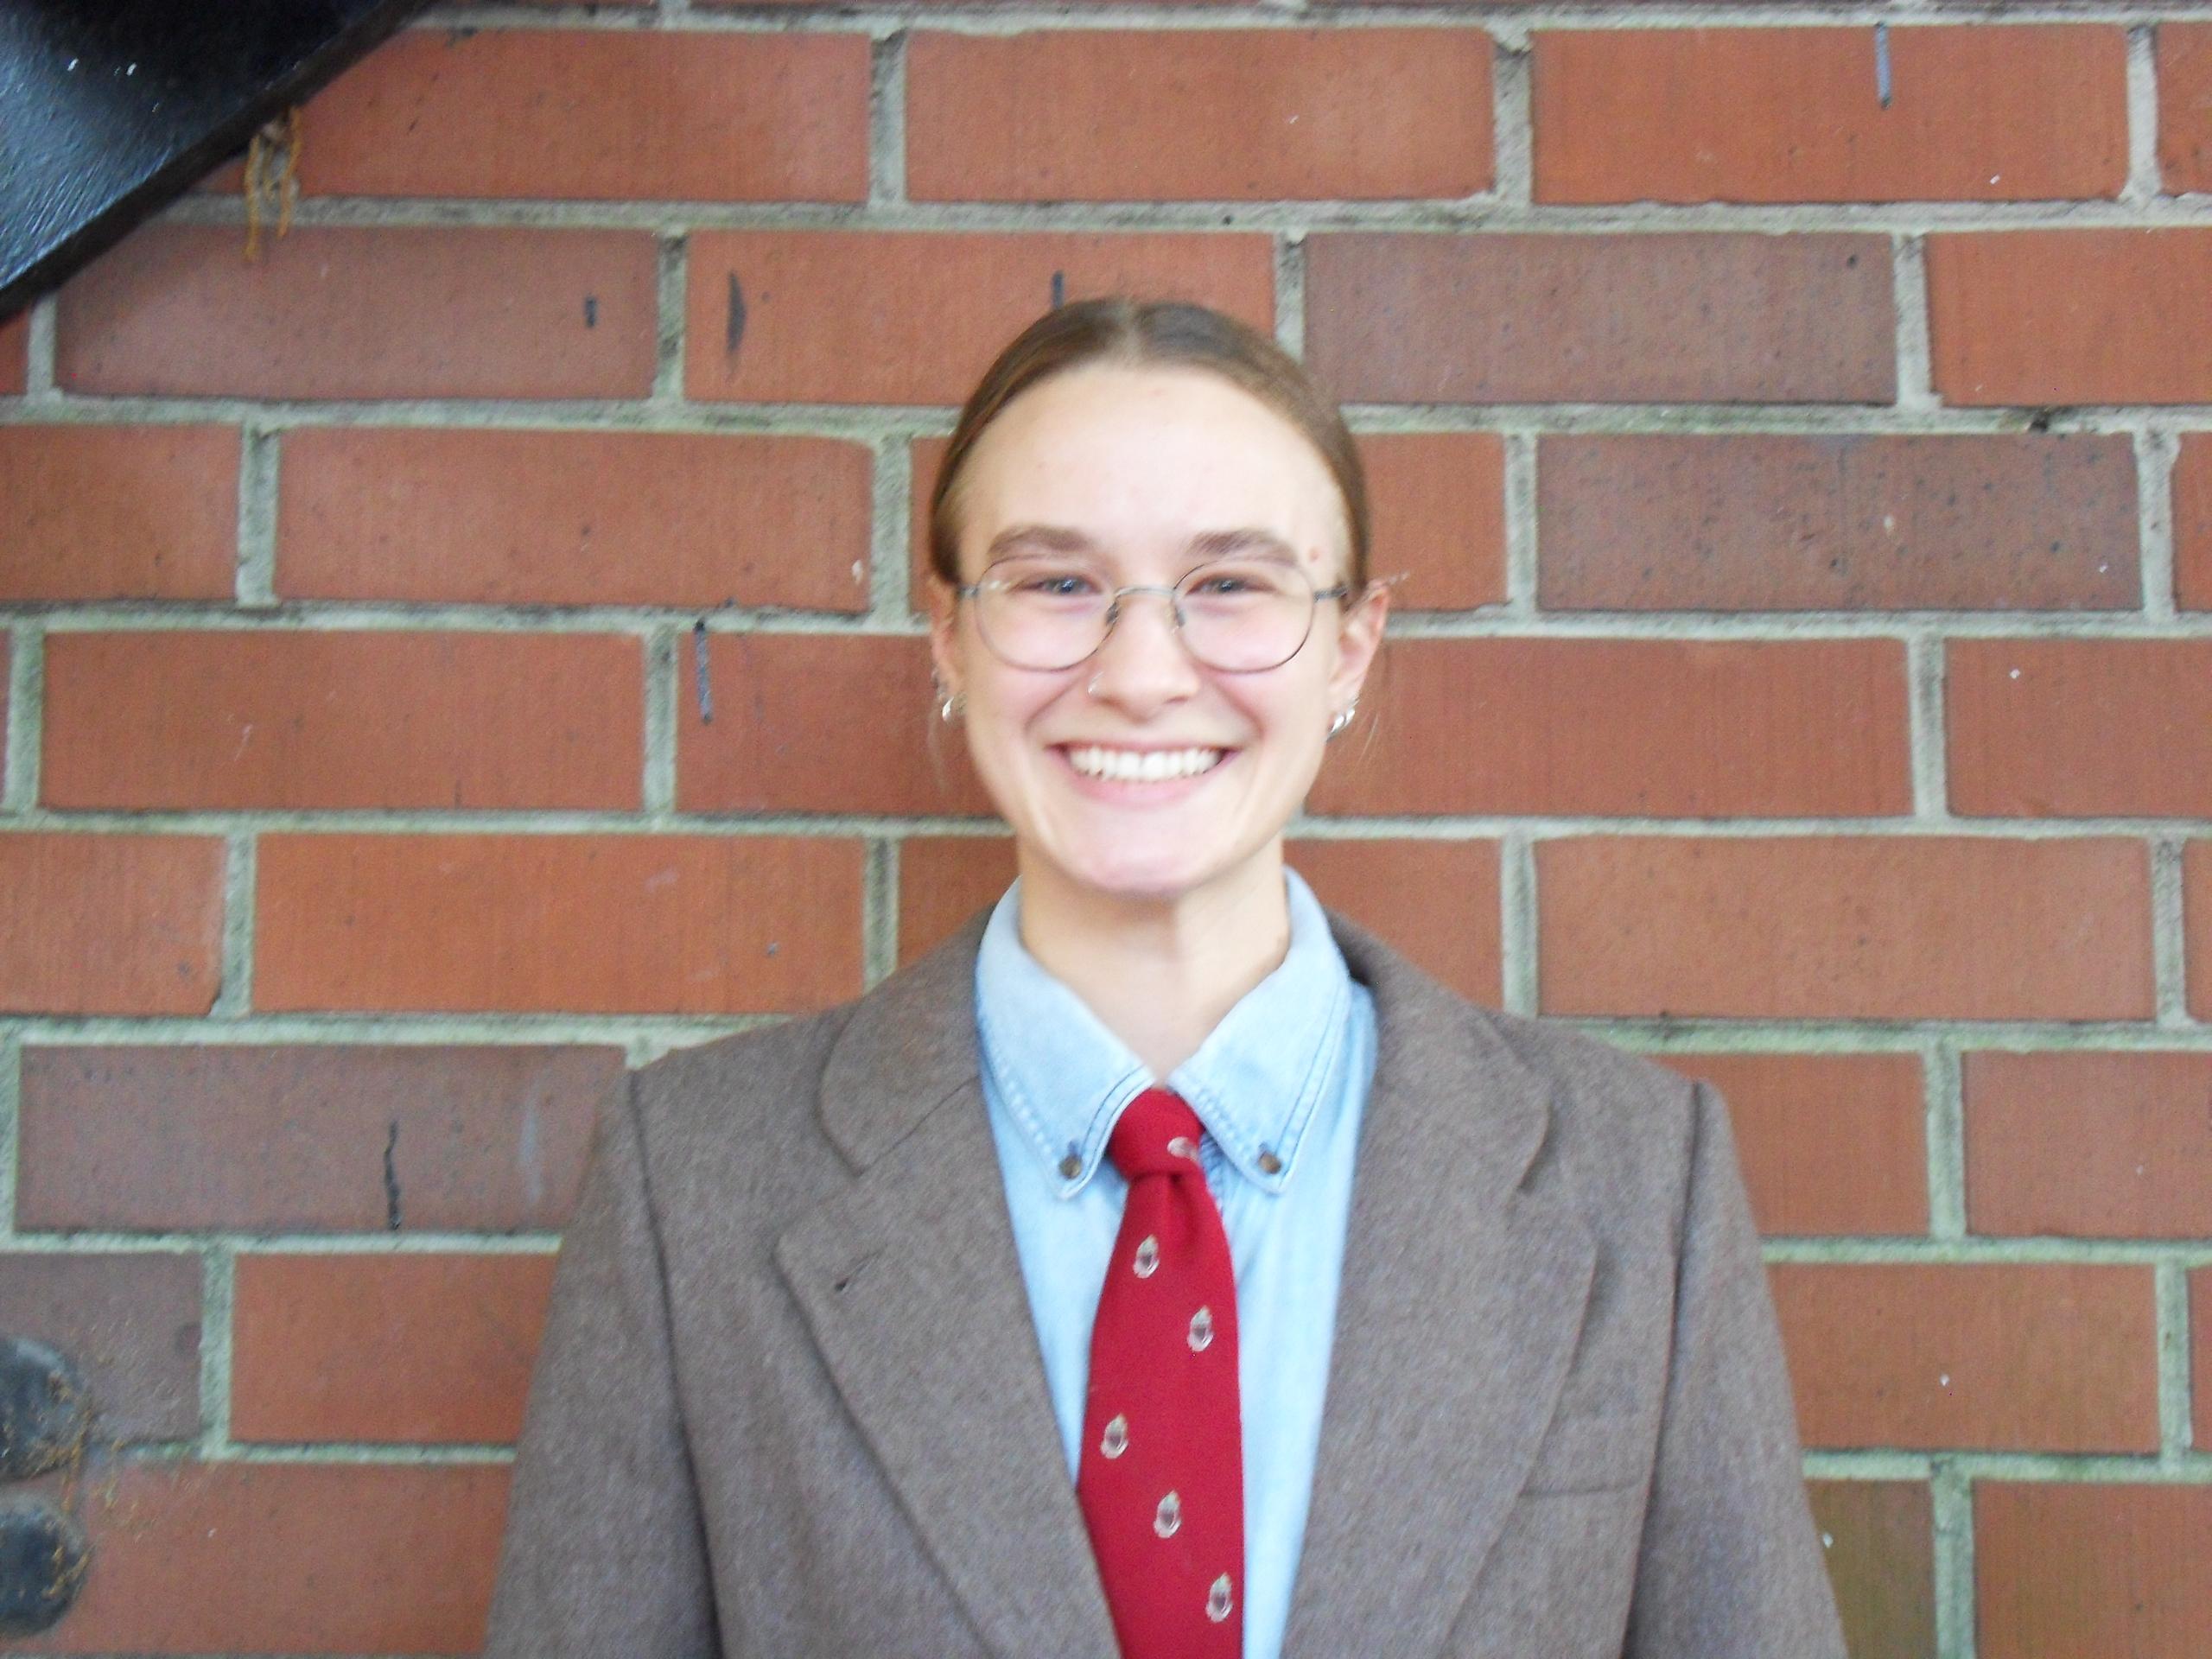 Heidi Schureck